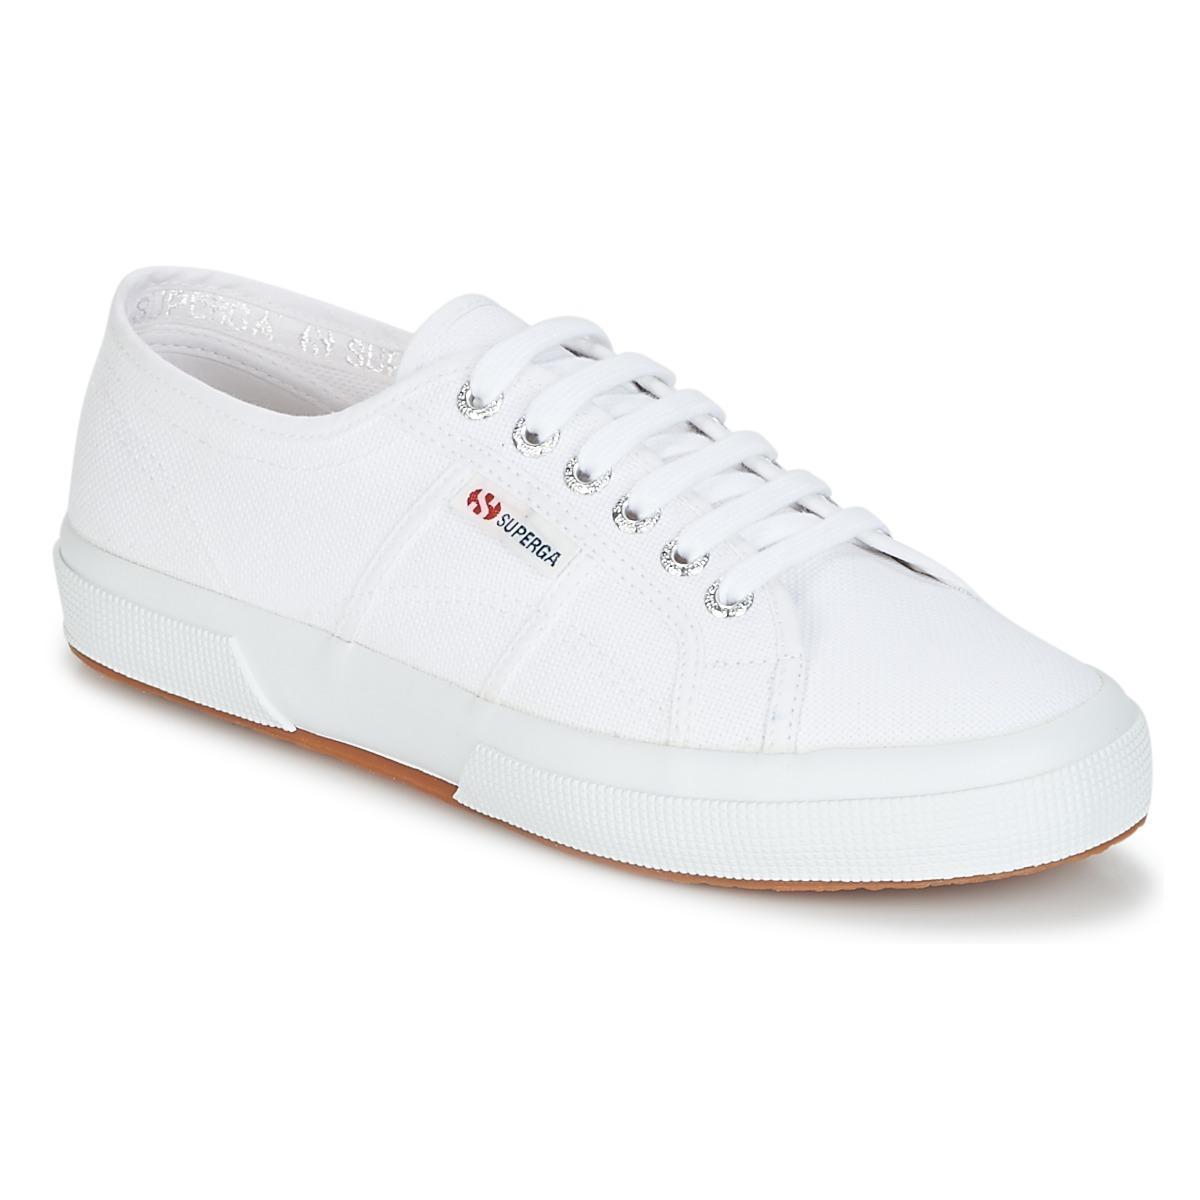 Superga 2750 CLASSIC Blanc